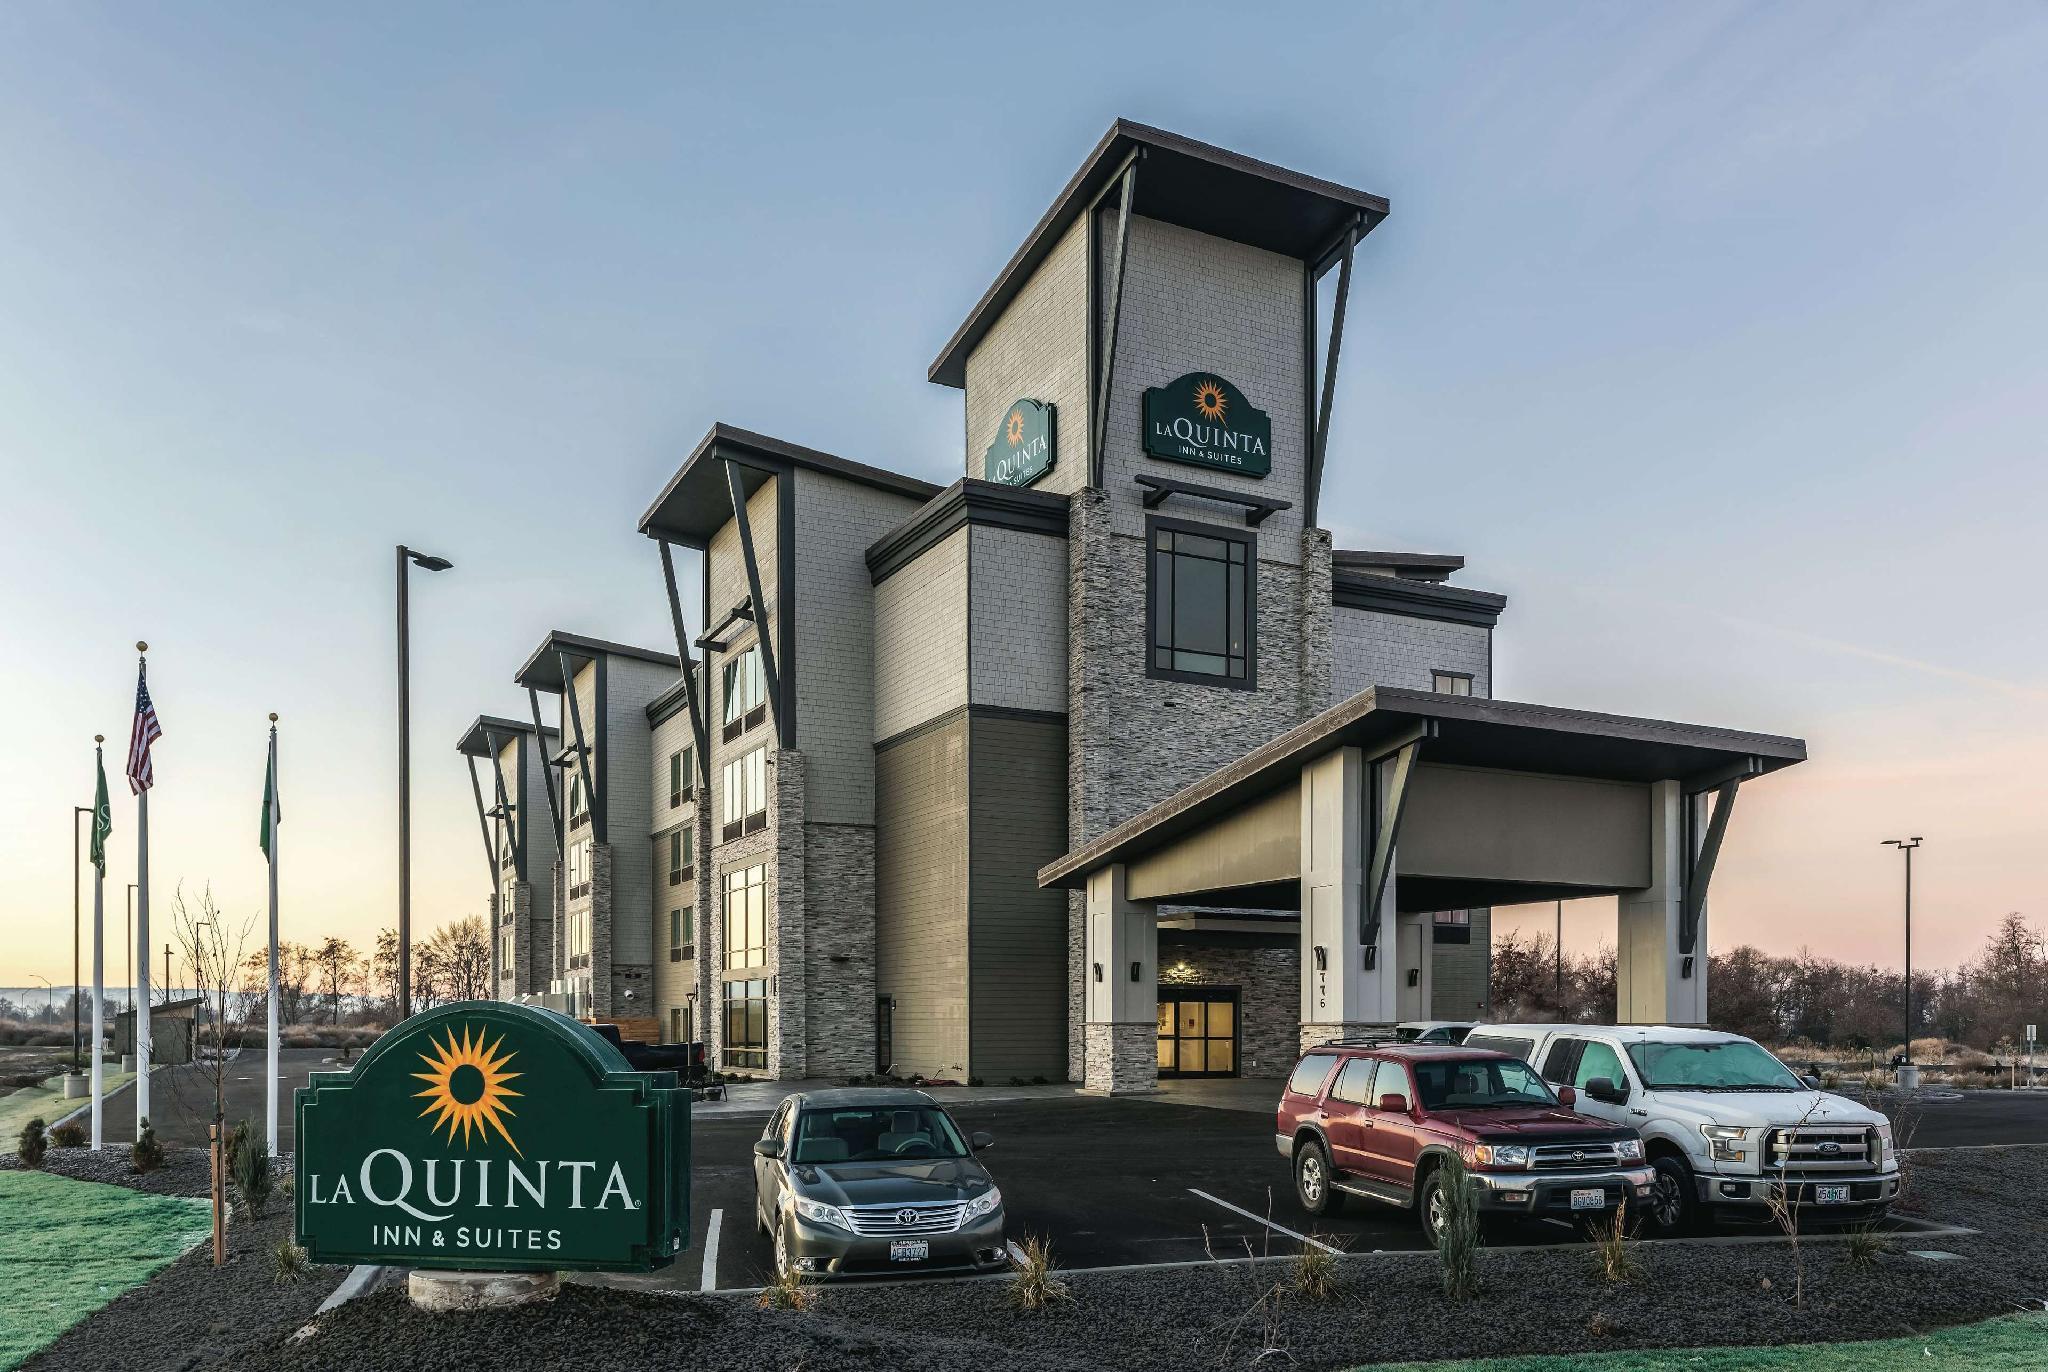 La Quinta Inn And Suites By Wyndham Walla Walla